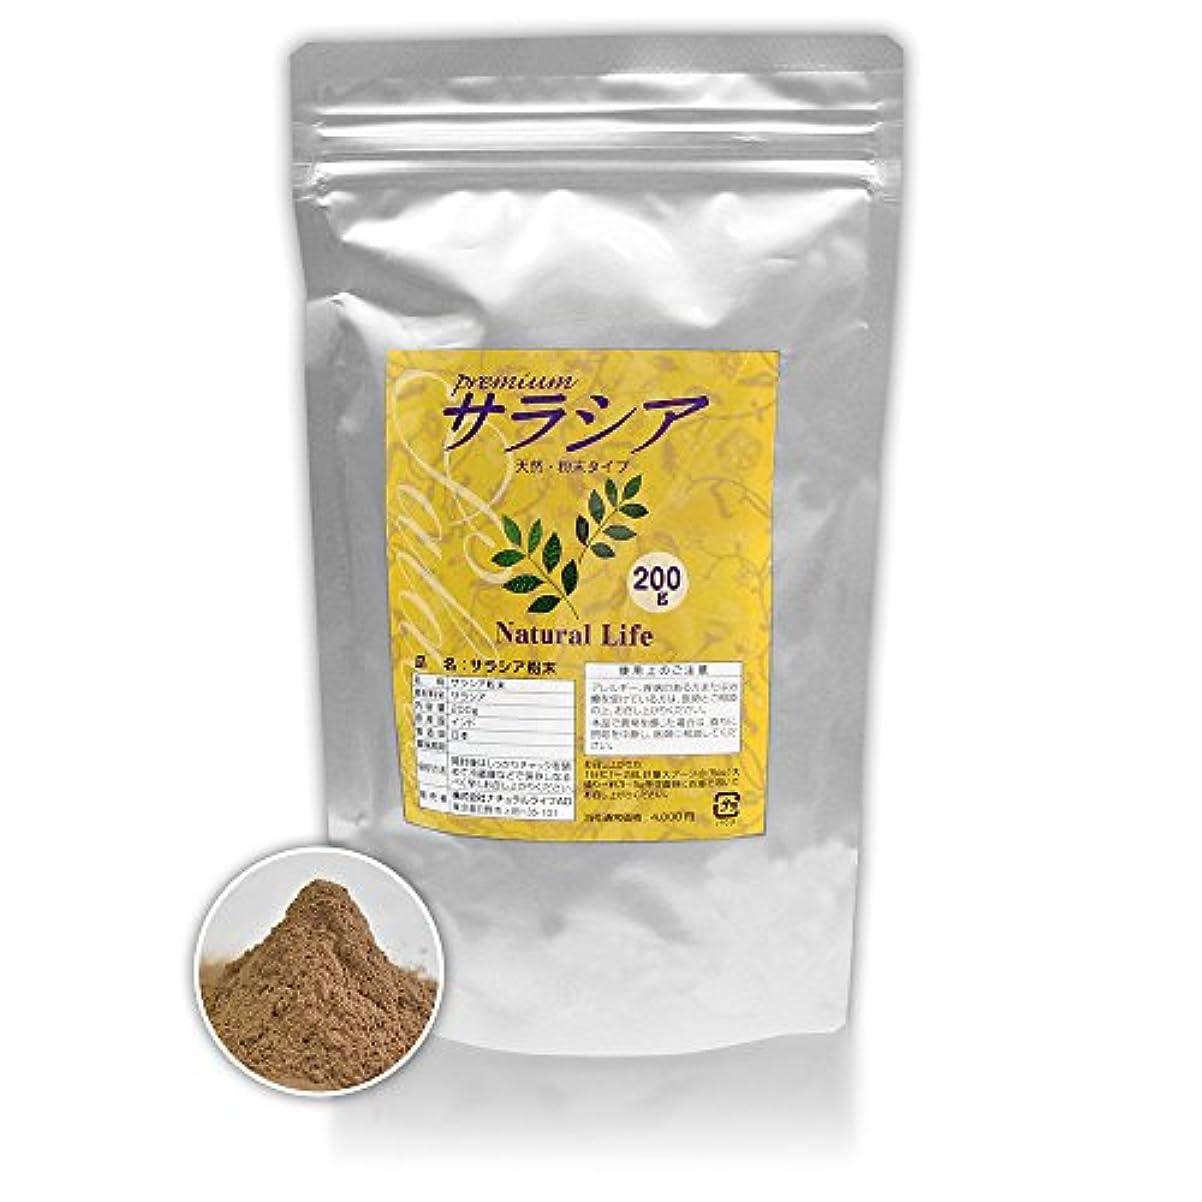 代理人民間人ボーダーサラシア粉末[200g]天然ピュア原料(無添加)健康食品(さらしあ,レティキュラータ)